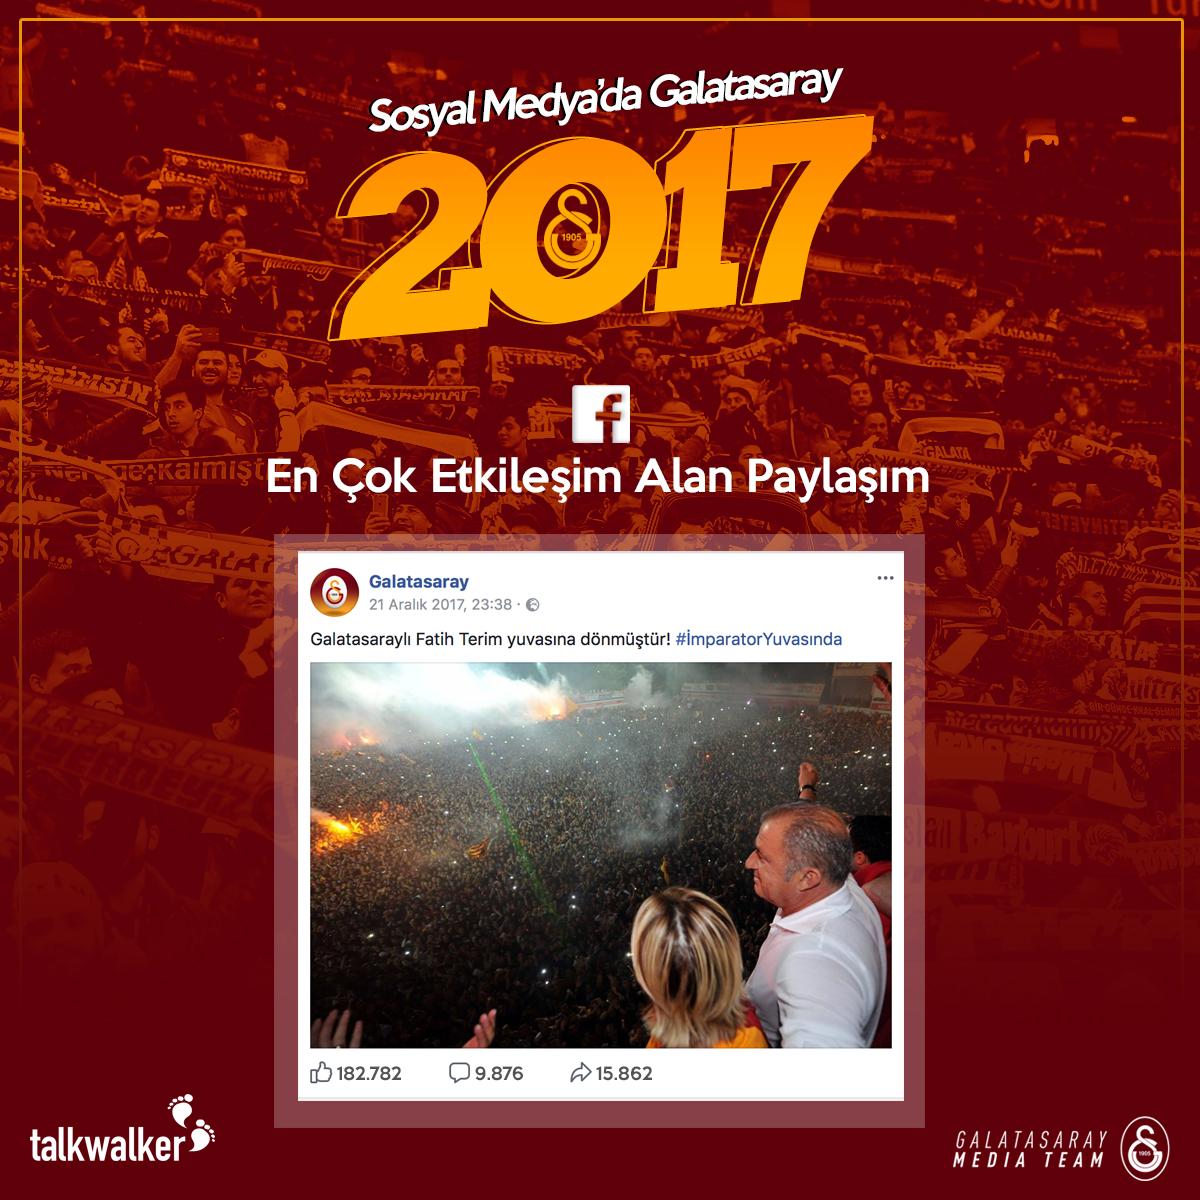 2017-sm-en-yuksek-facebook-etkilesim.jpg